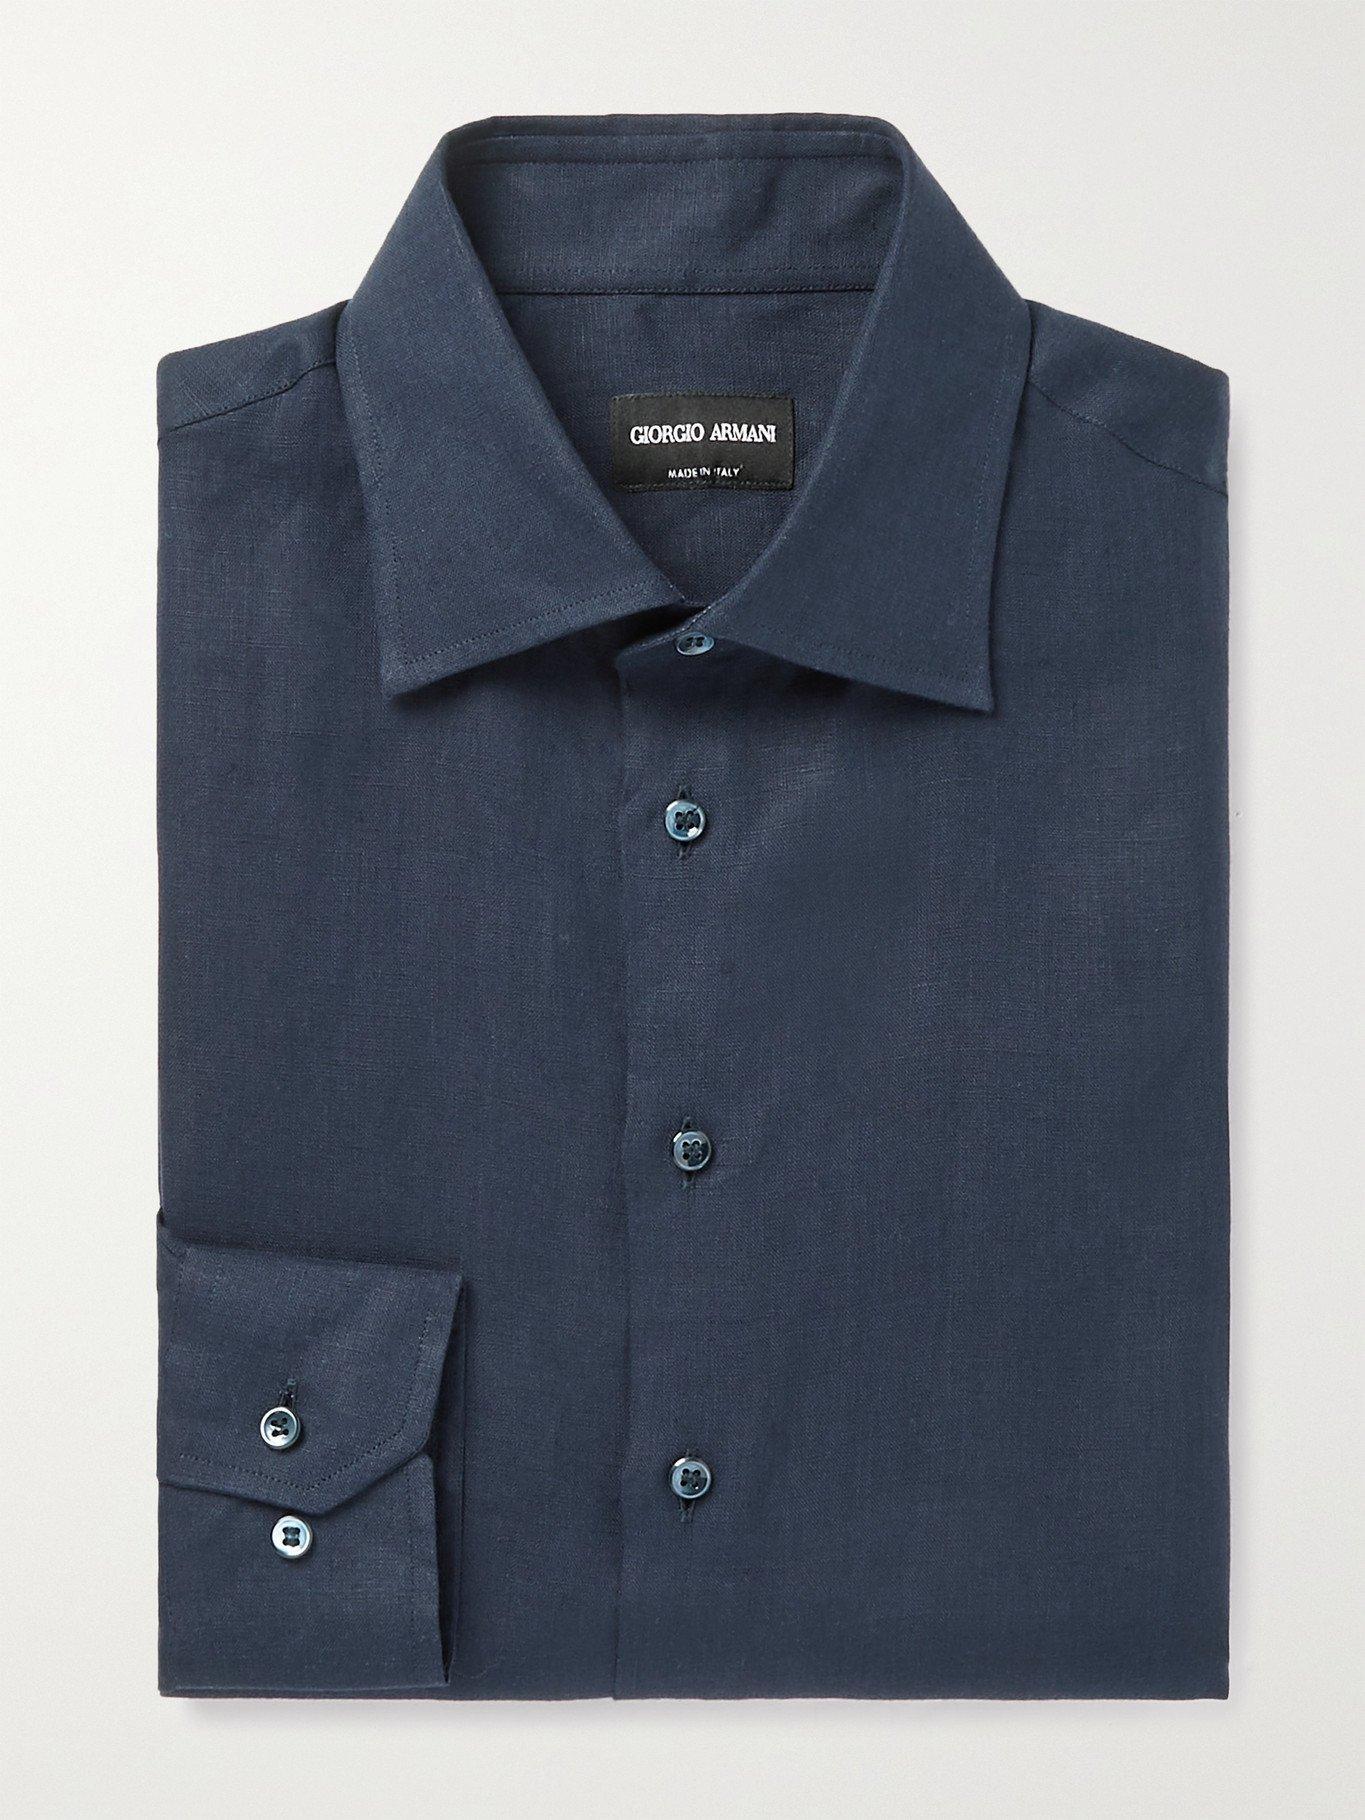 GIORGIO ARMANI - Linen Shirt - Unknown